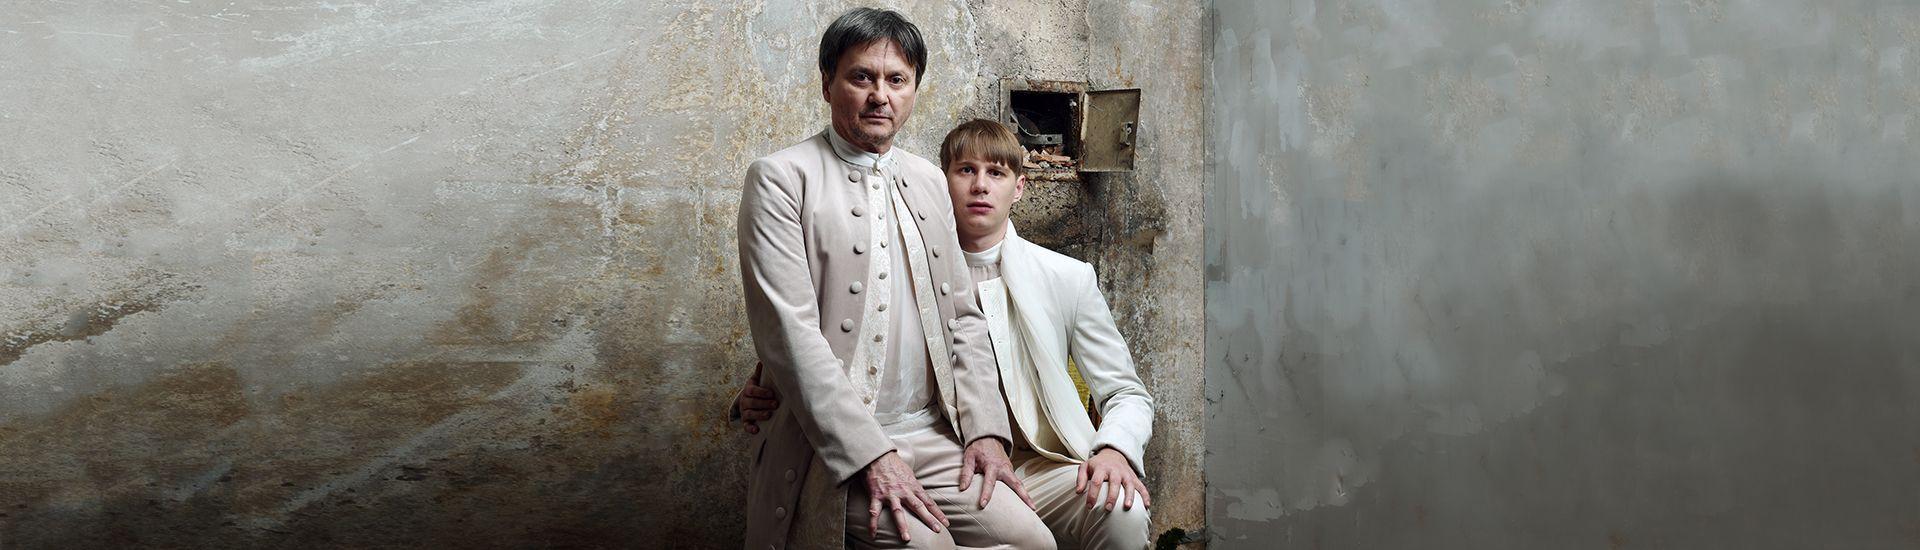 'Jacques in njegov gospodar' premierno na Velikem odru 6. novembra 2021.